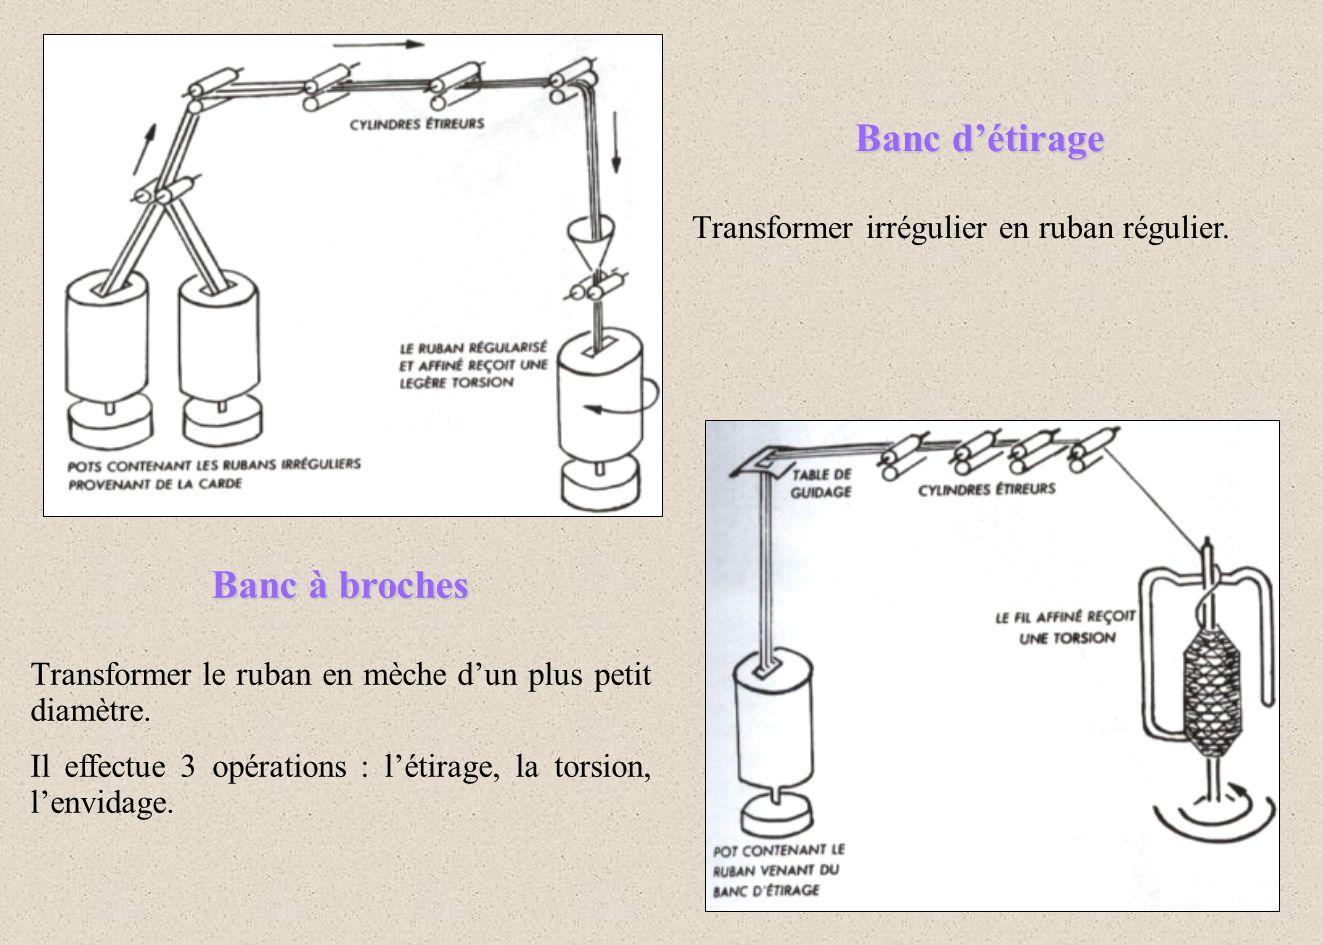 Banc détirage Transformer irrégulier en ruban régulier. Banc à broches Transformer le ruban en mèche dun plus petit diamètre. Il effectue 3 opérations